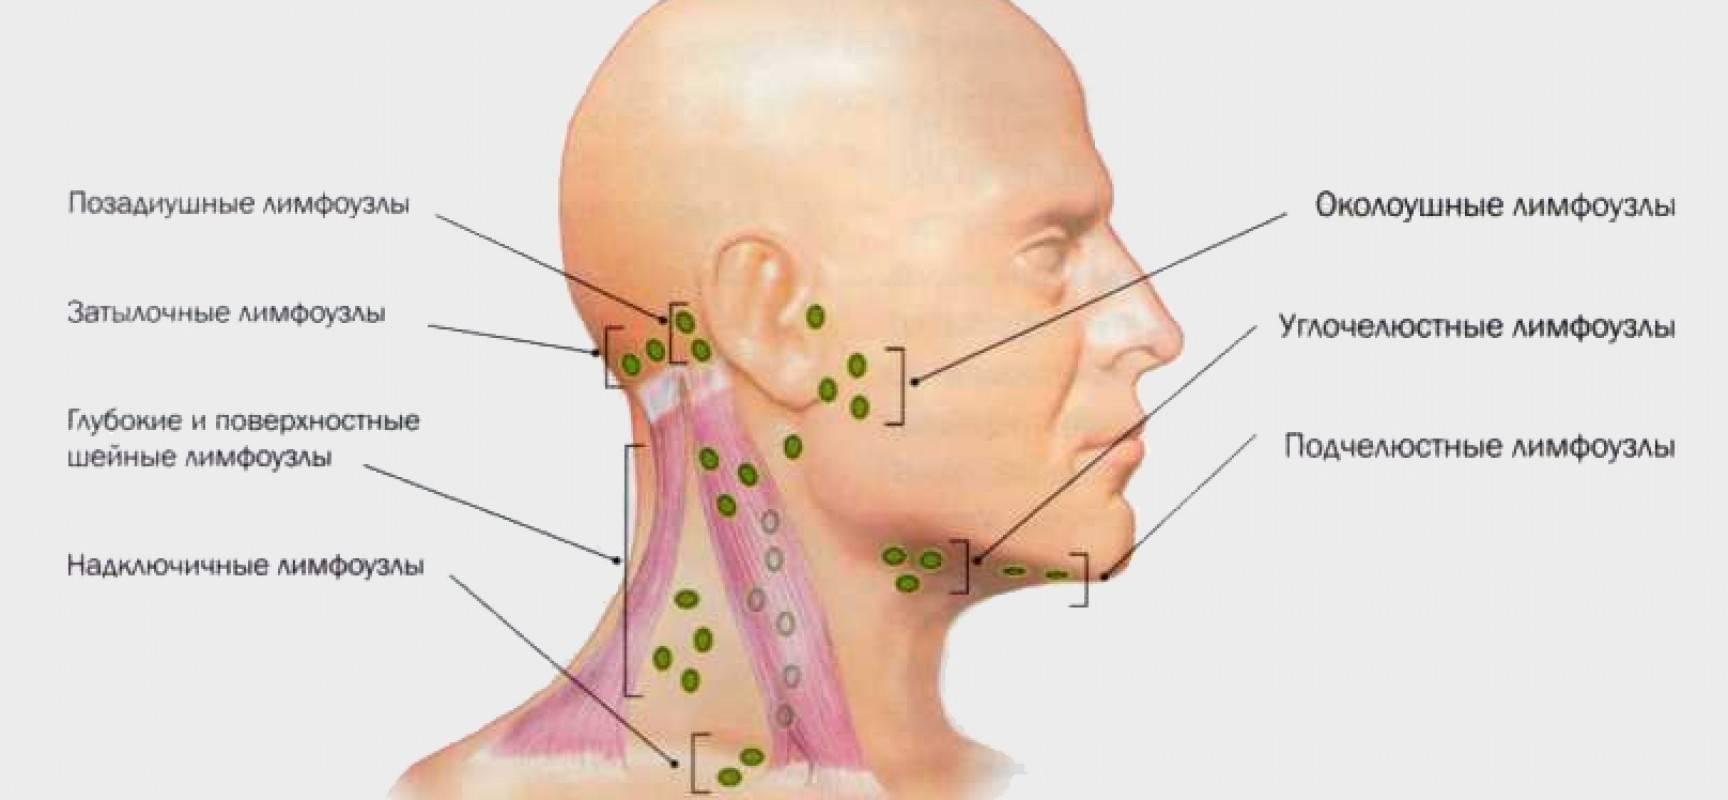 Болит ухо у взрослого - что делать, чтобы снять боль